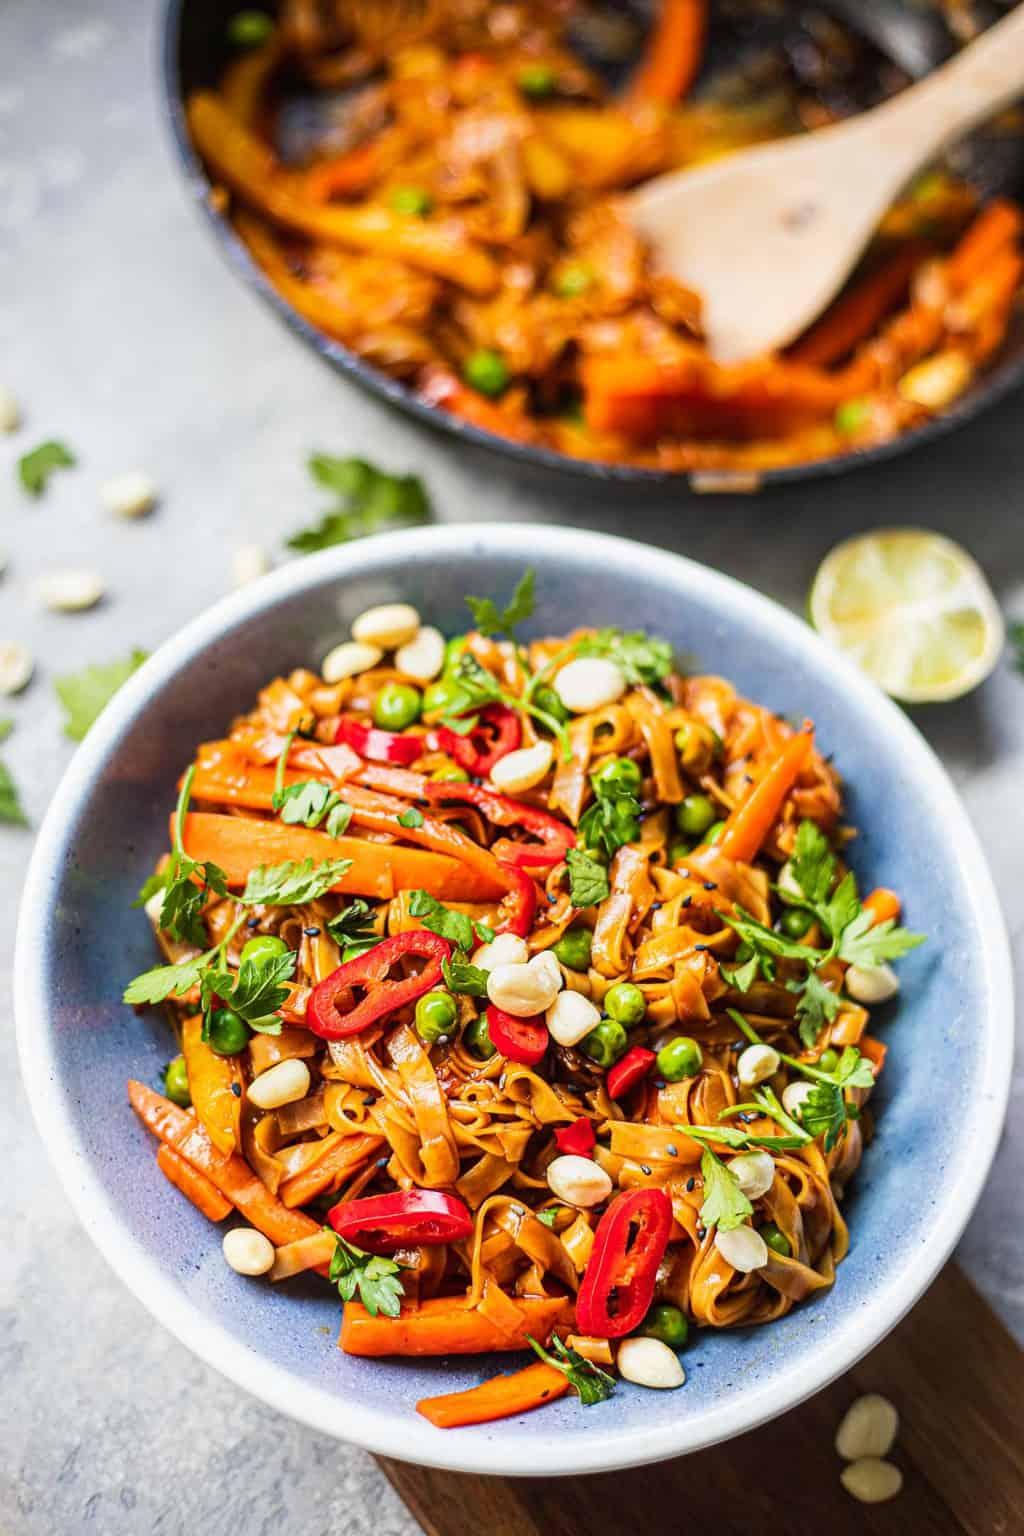 Vegan stir-fried noodles with vegetables